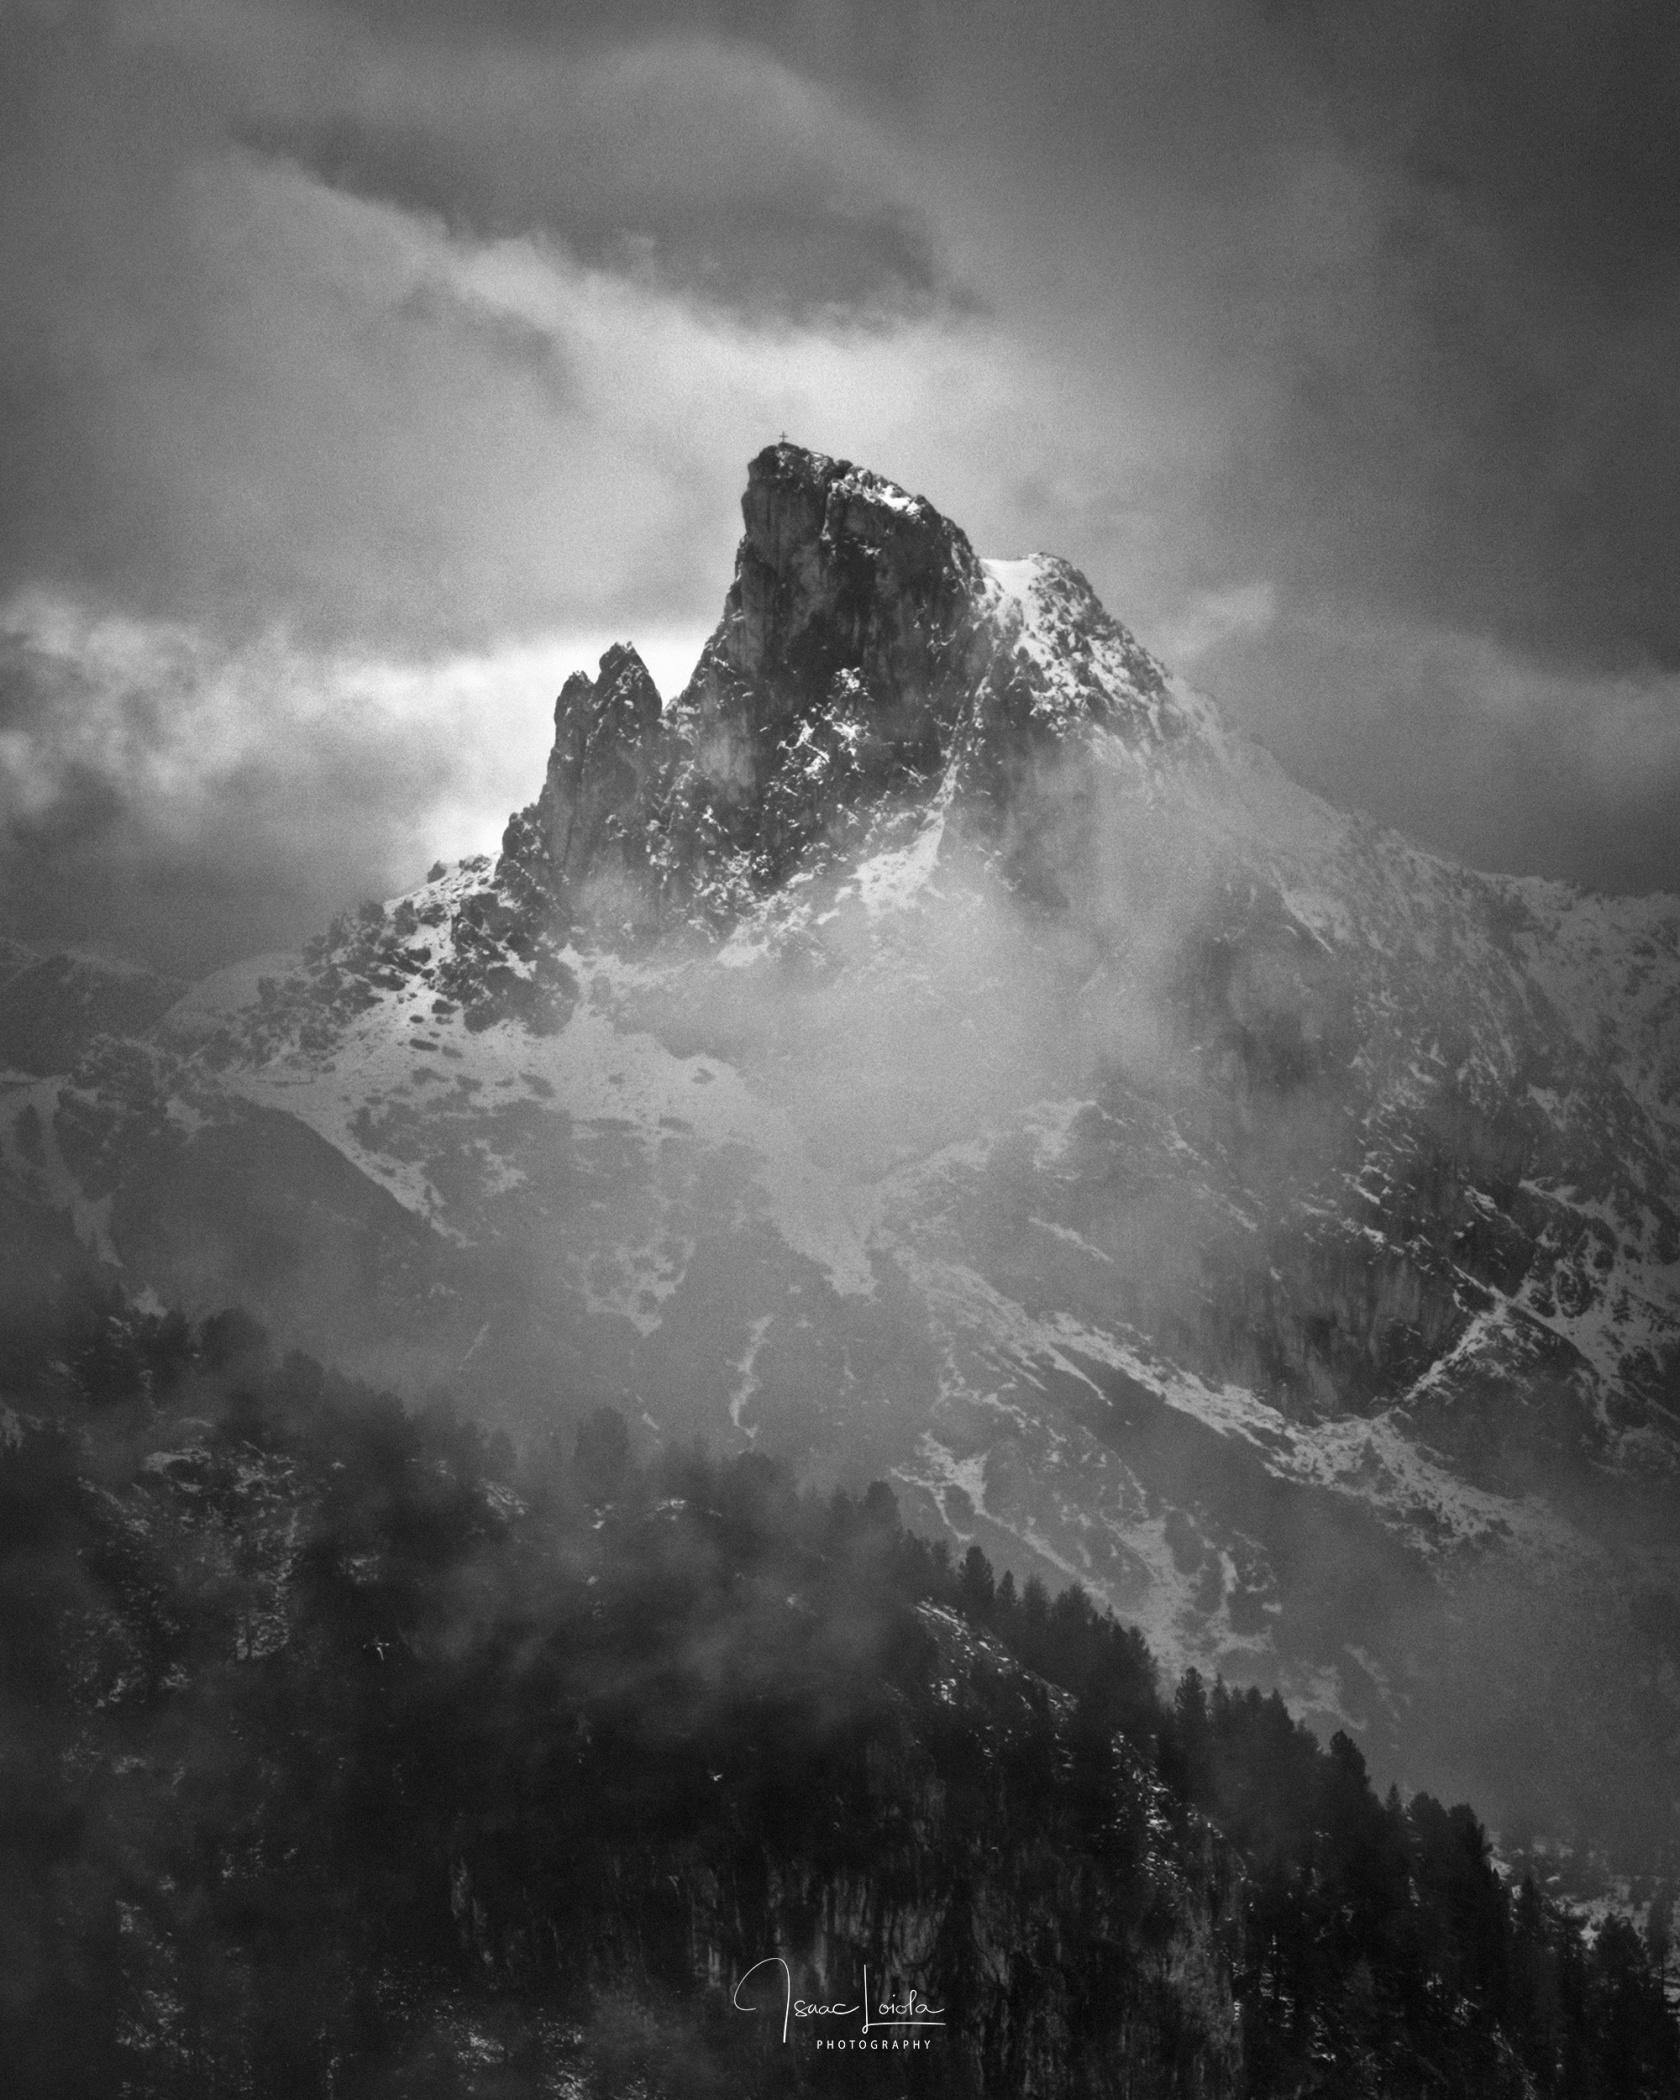 Sass de Stria - Monochromo - Isaac Loiola, Photography